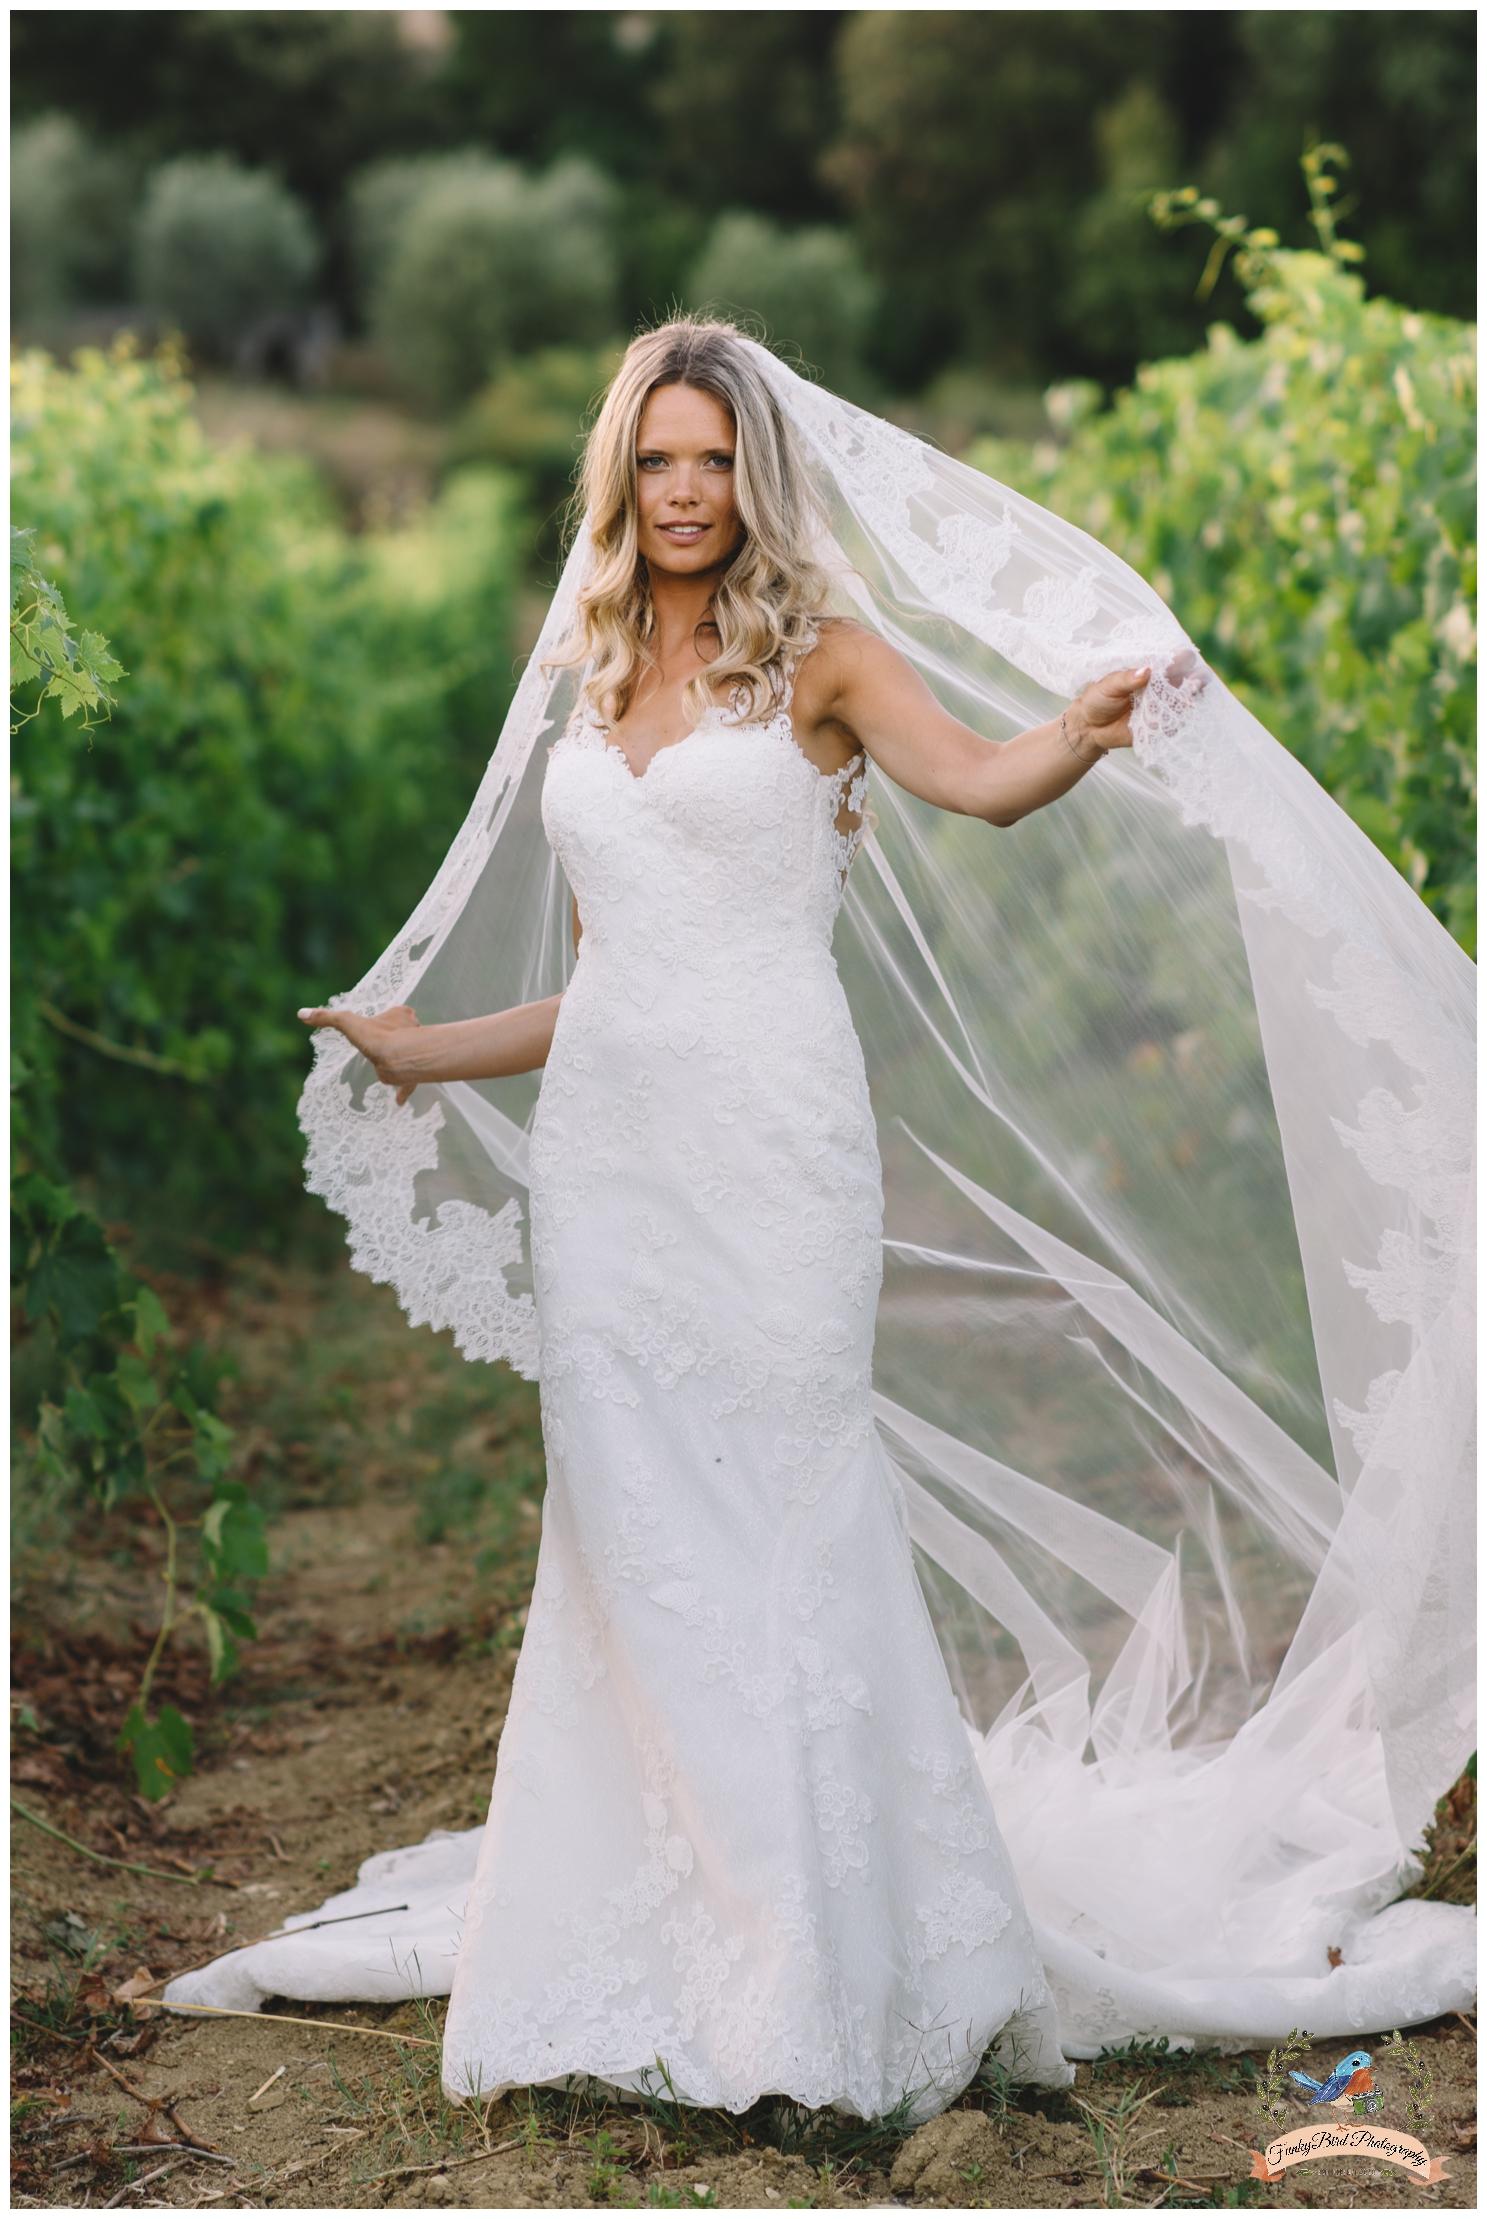 Wedding_Photographer_Tuscany_Florence_Italy_45.jpg